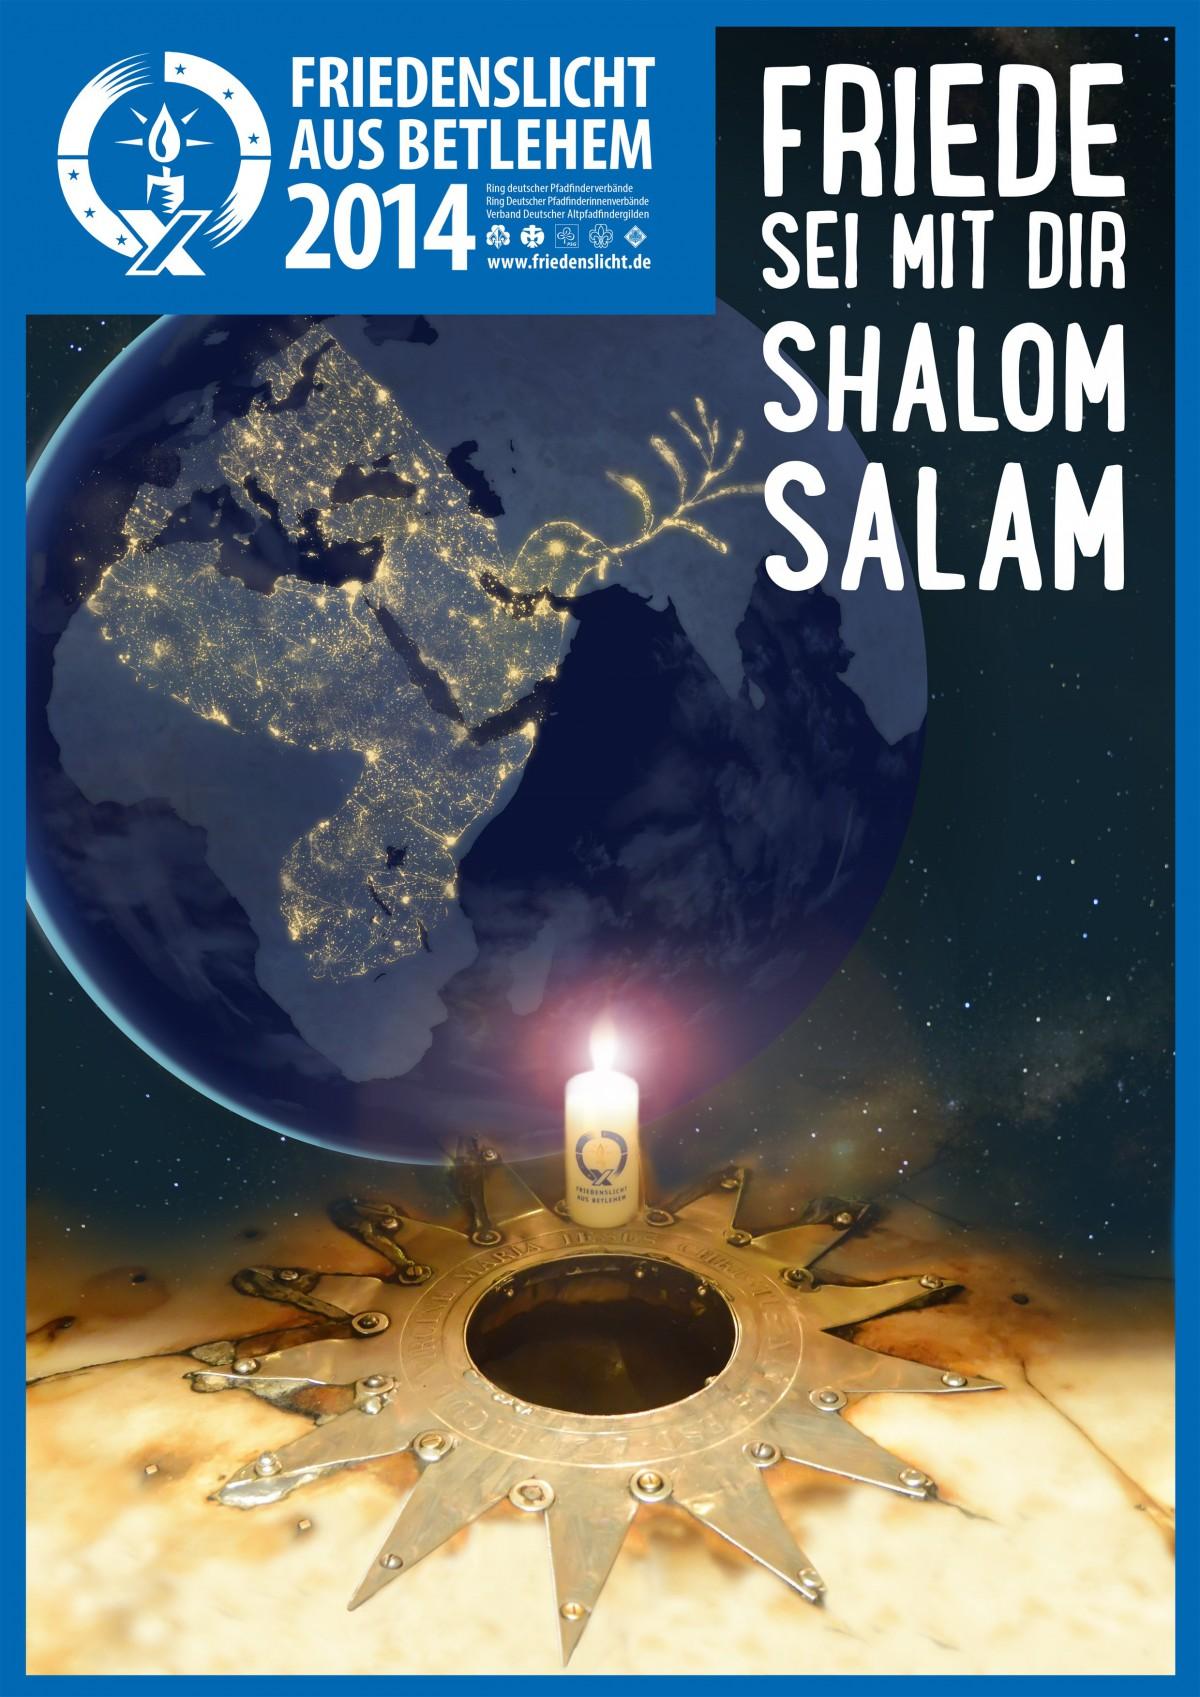 Das Plakat zum Friedenslicht 2014